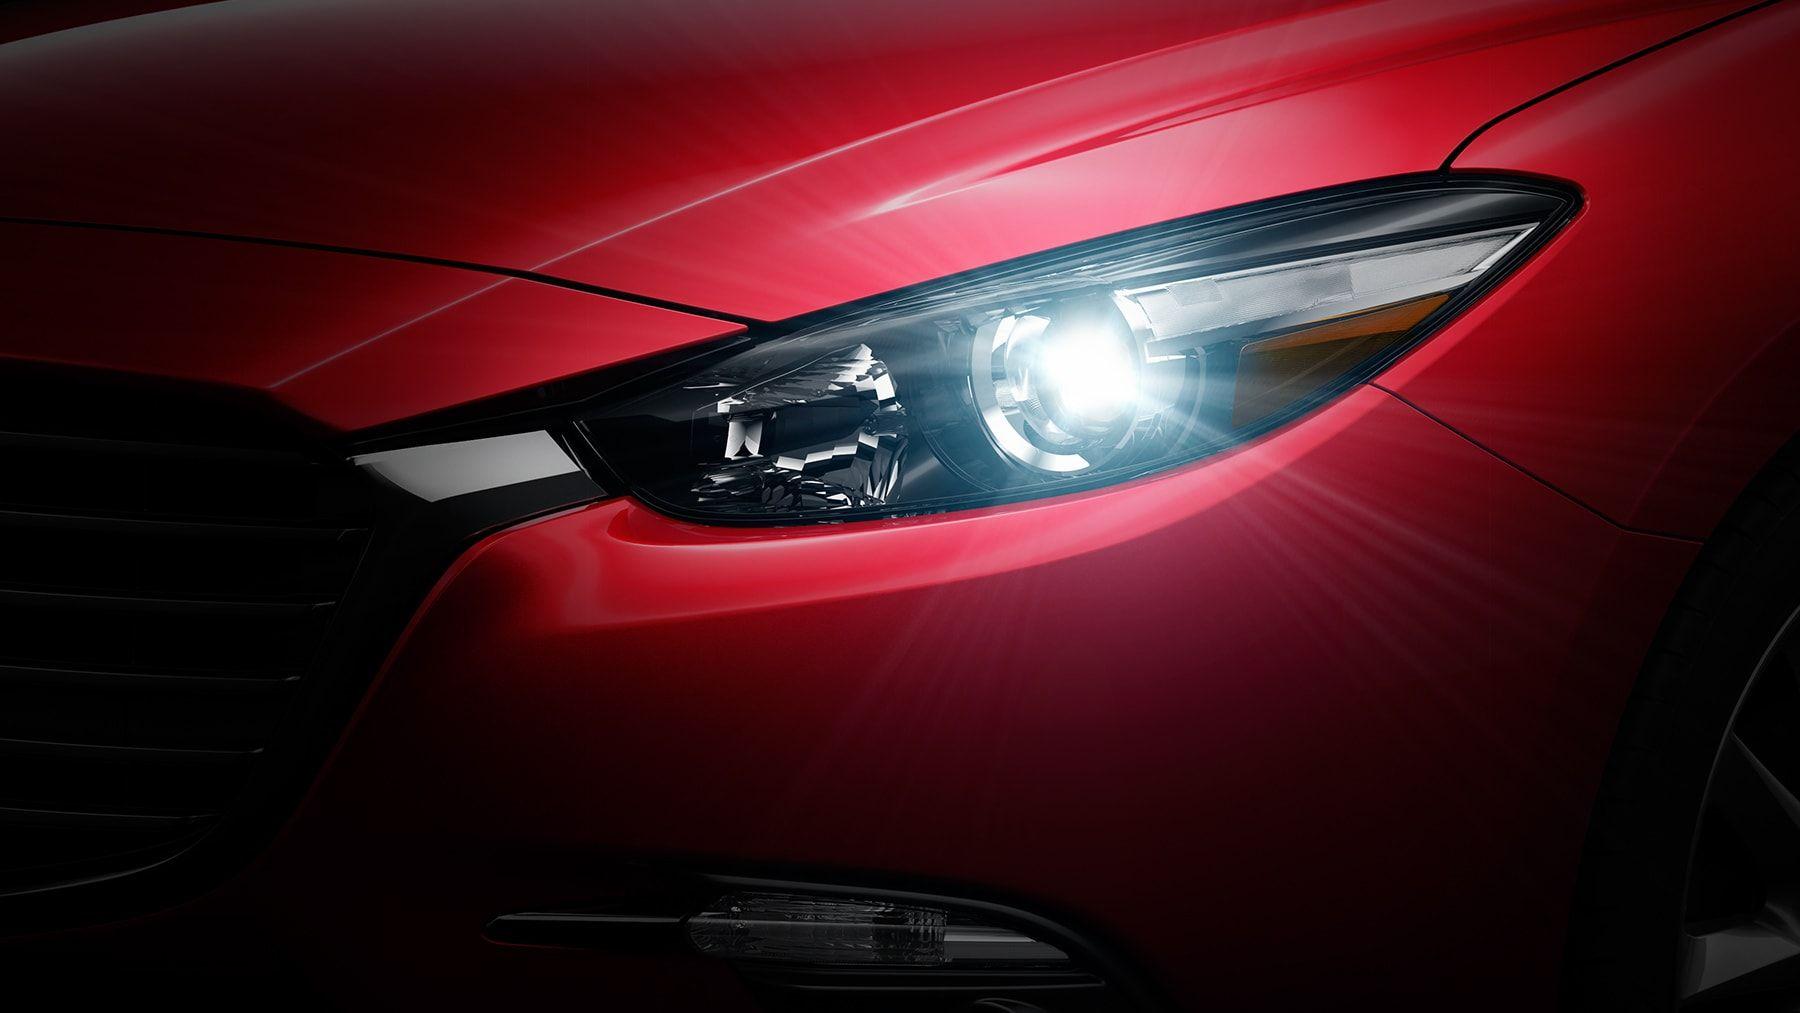 Galería del Vehículo Mazda 3 Hatchback Modelo 2017 Mazda